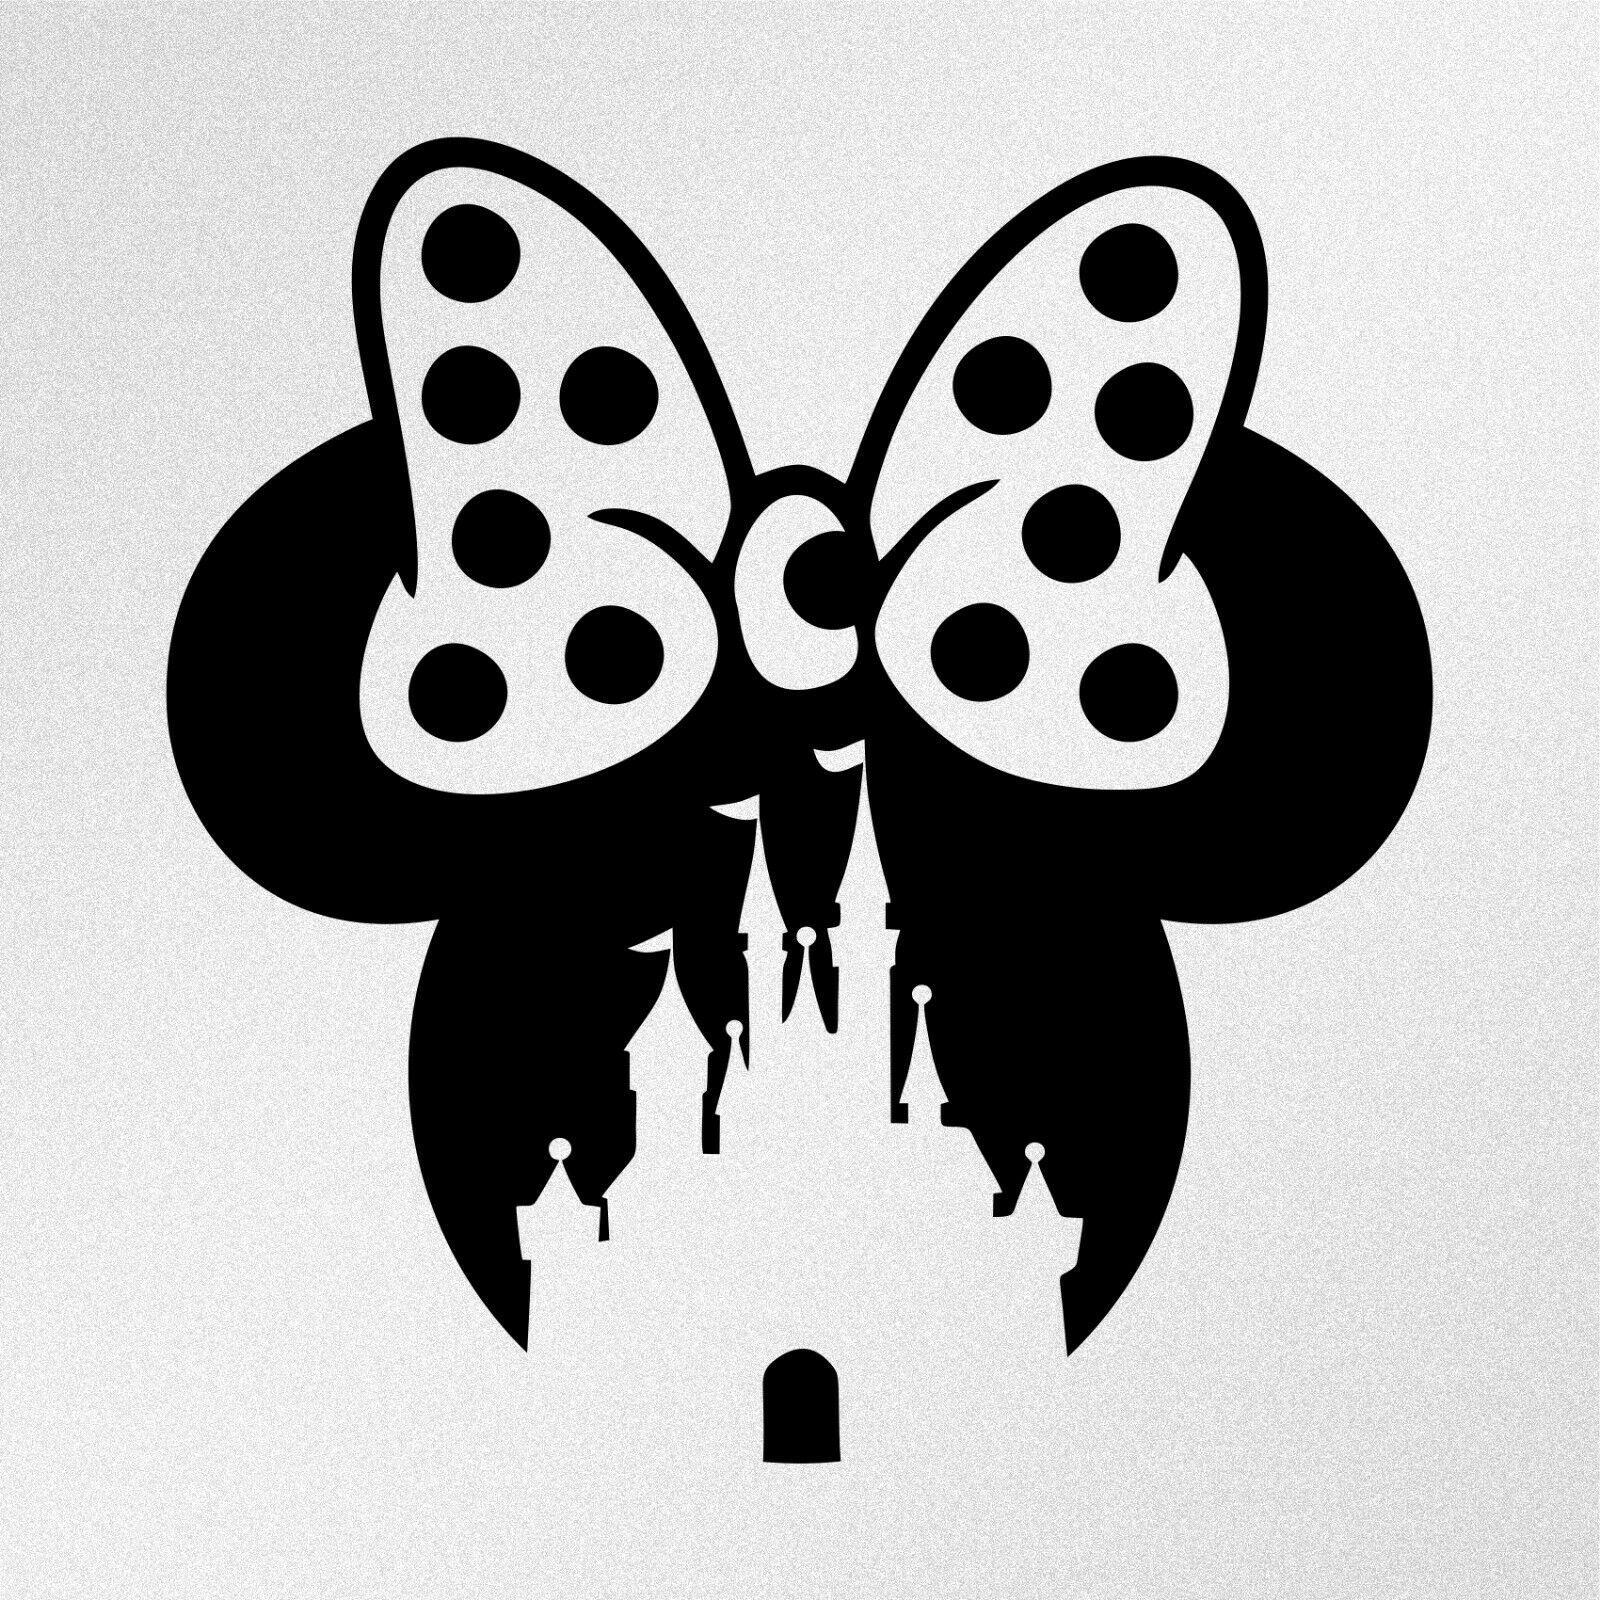 Minnie Mouse Disney Castle Car Motorbike Vinyl Decal Sticker Ebay Disney Decals Disney Sticker Disney Silhouettes [ 1600 x 1600 Pixel ]